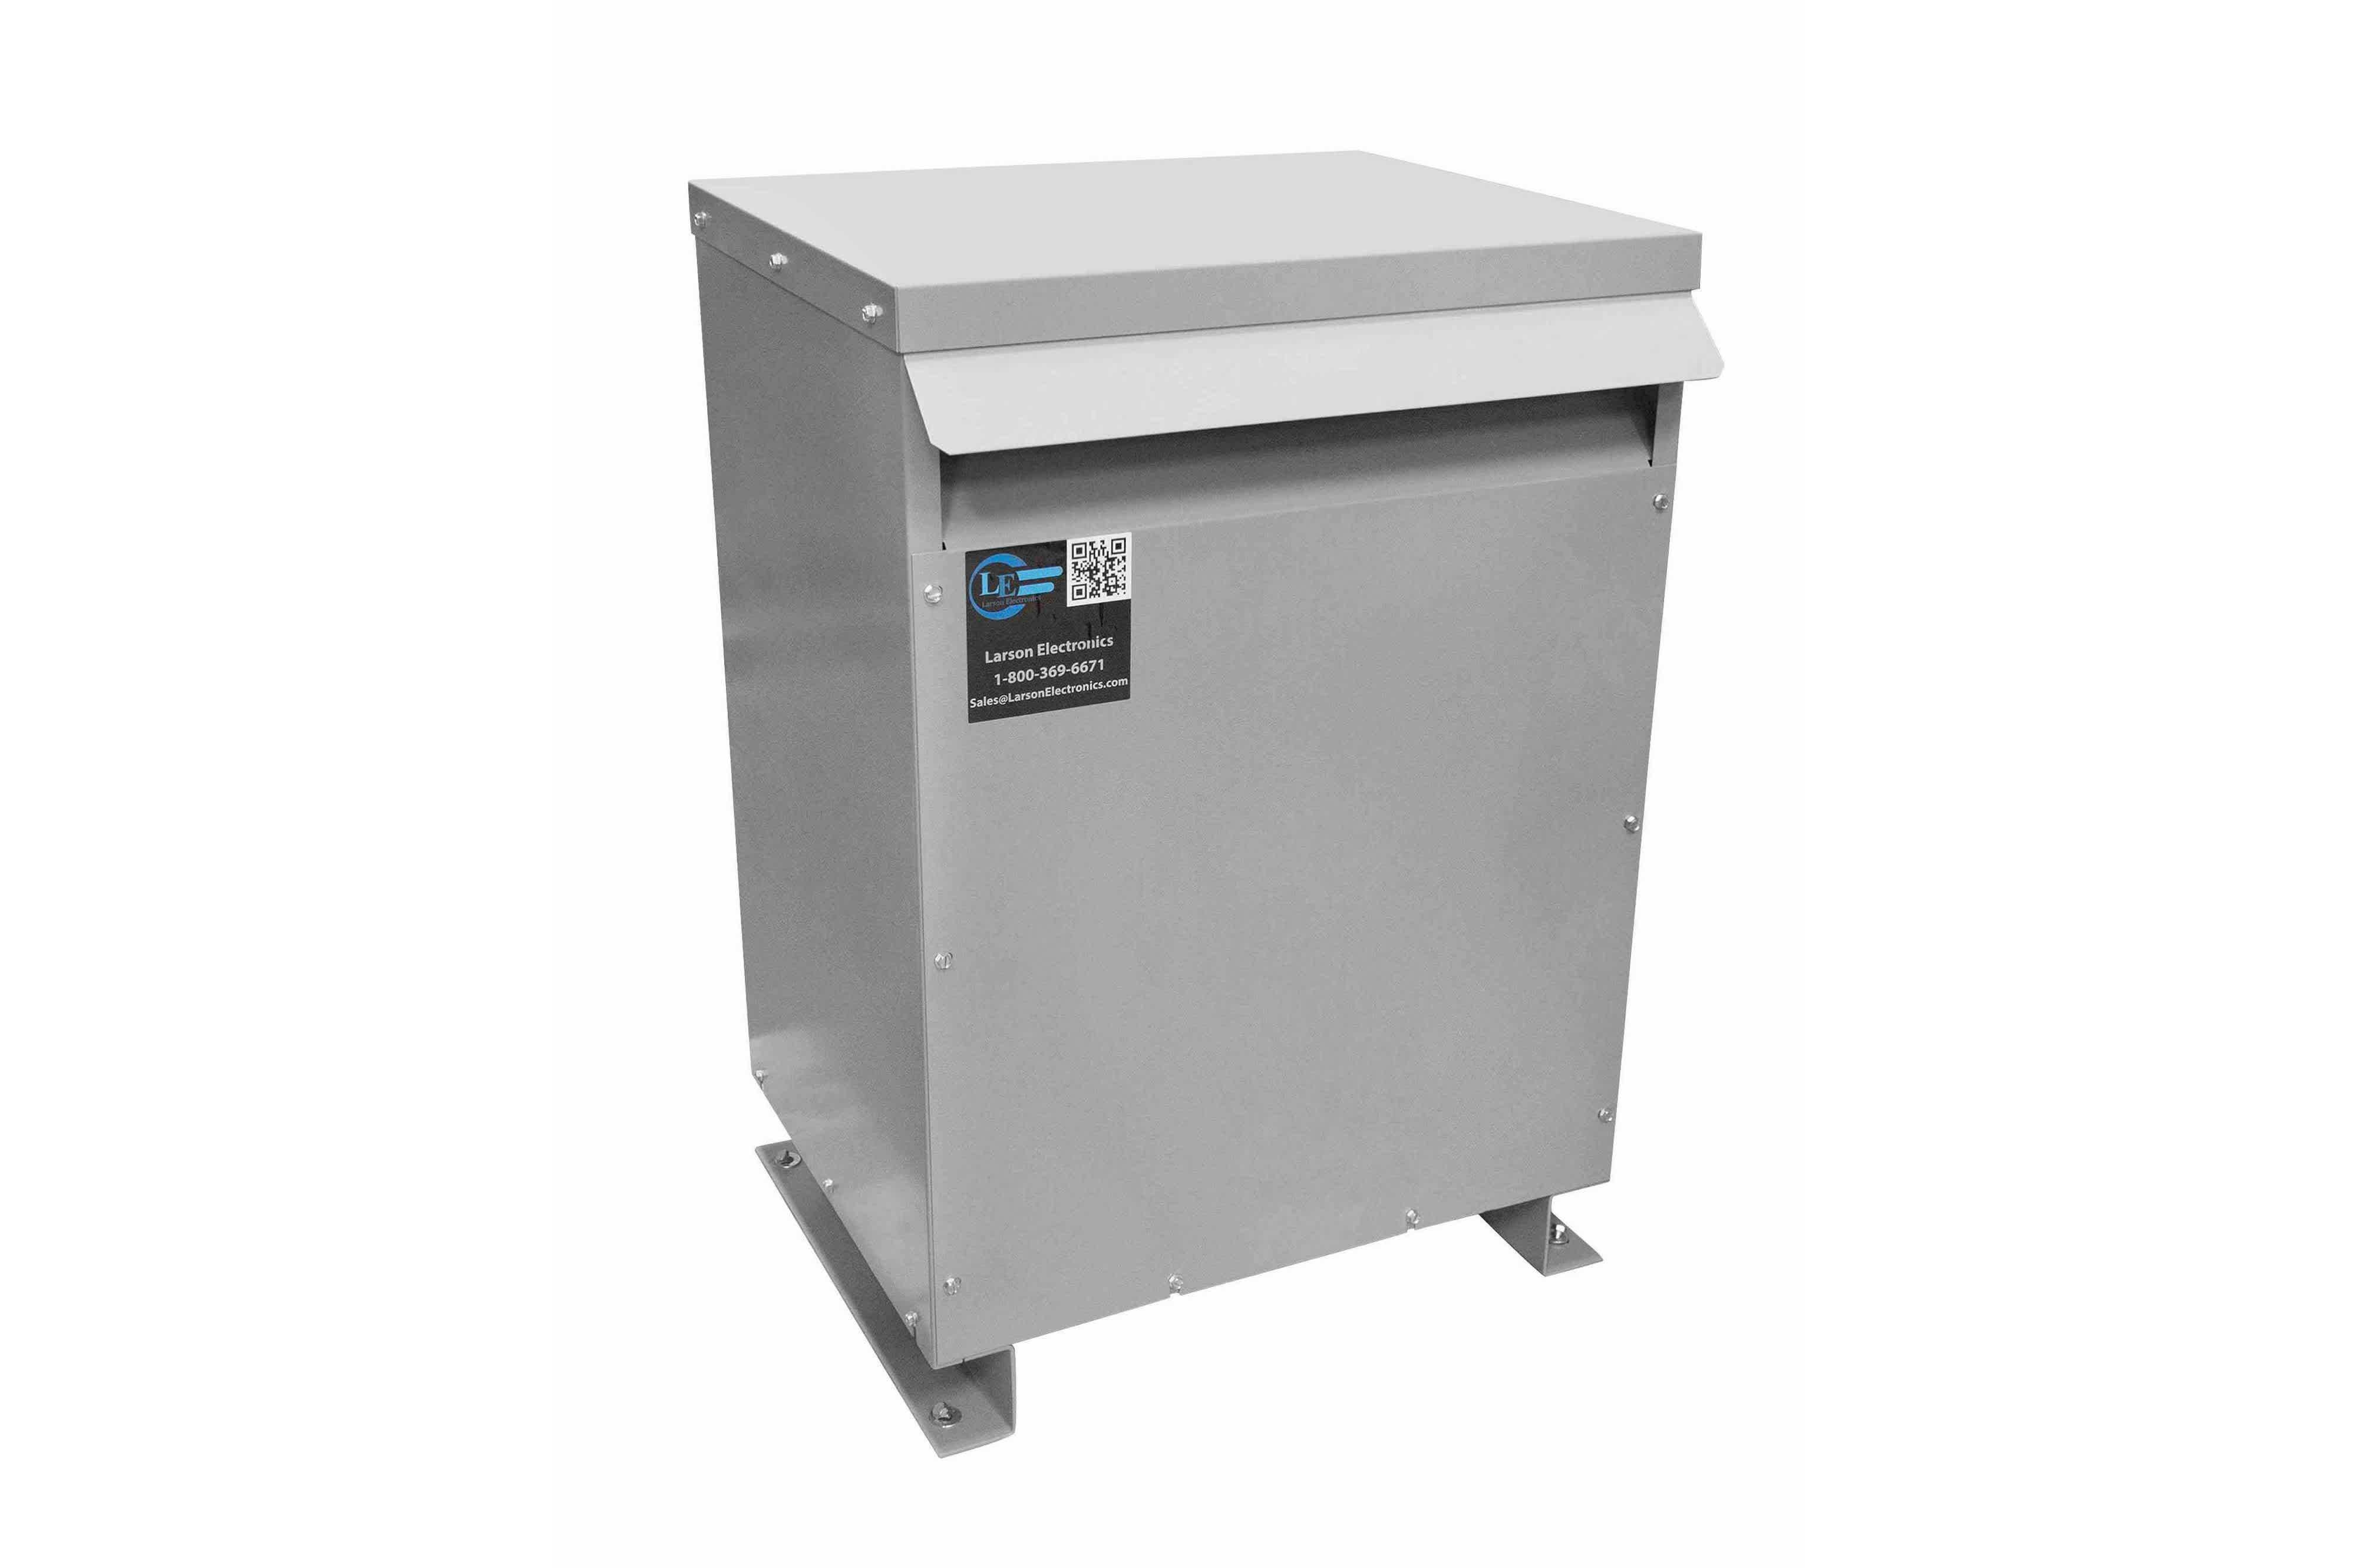 65 kVA 3PH Isolation Transformer, 400V Delta Primary, 208V Delta Secondary, N3R, Ventilated, 60 Hz